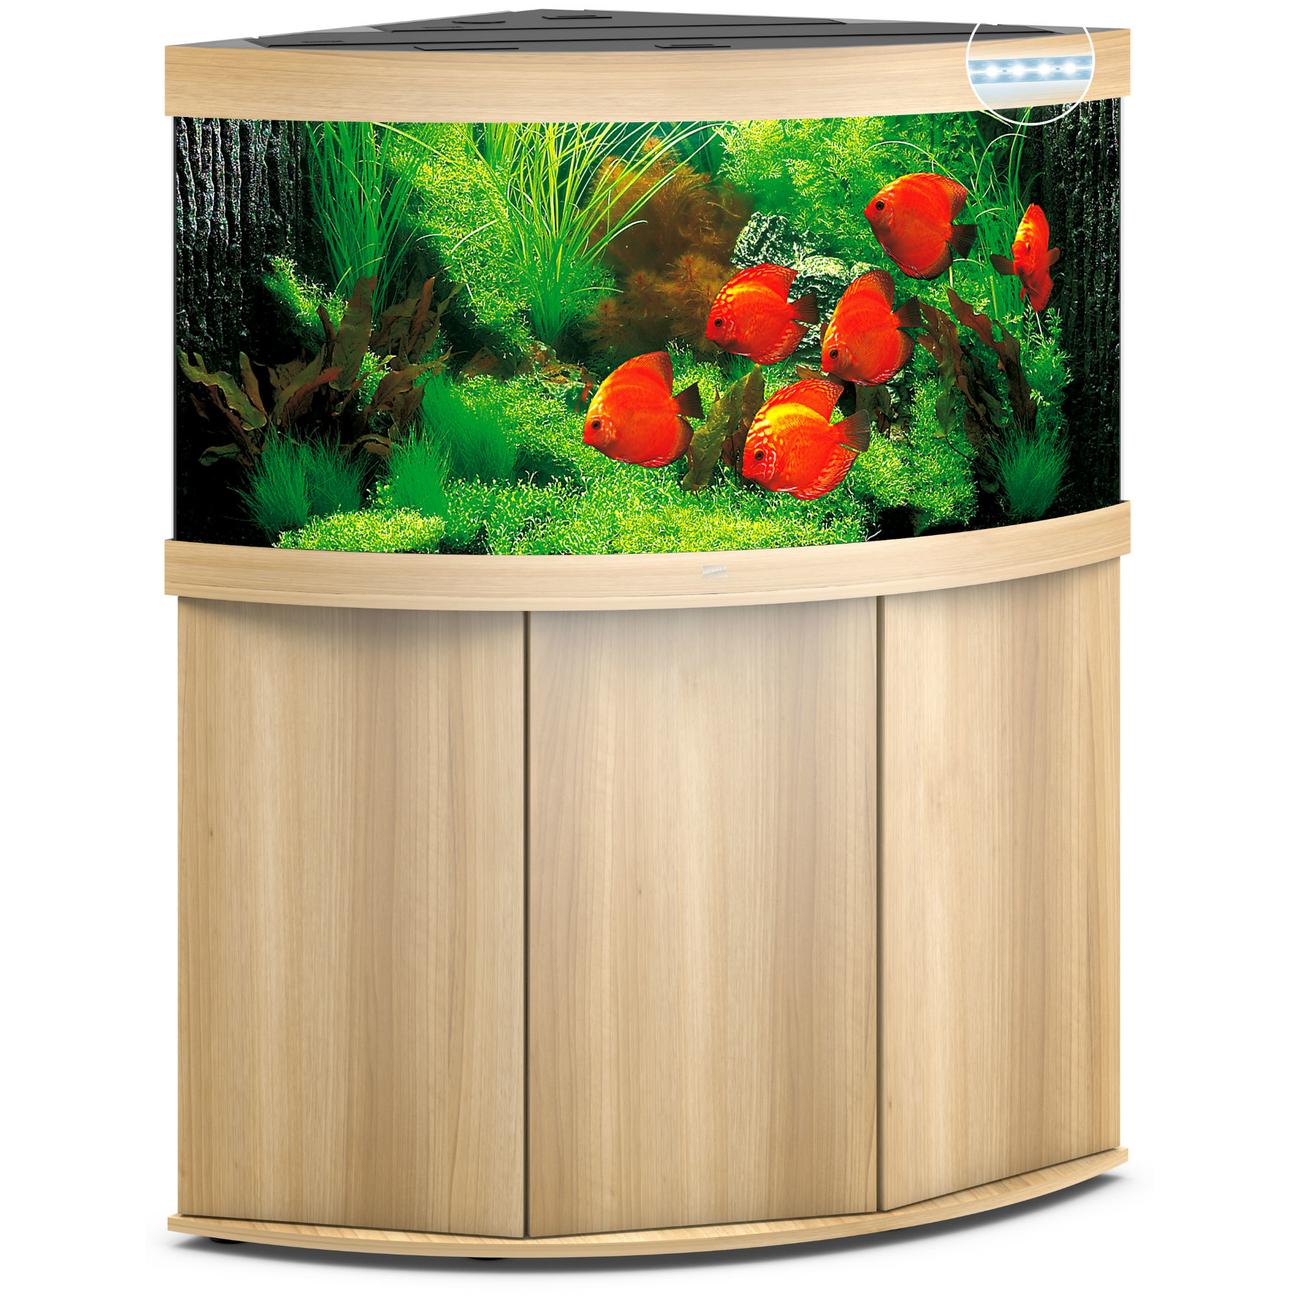 JUWEL Trigon 350 LED Eck-Aquarium mit Unterschrank, 350 Liter, helles Holz